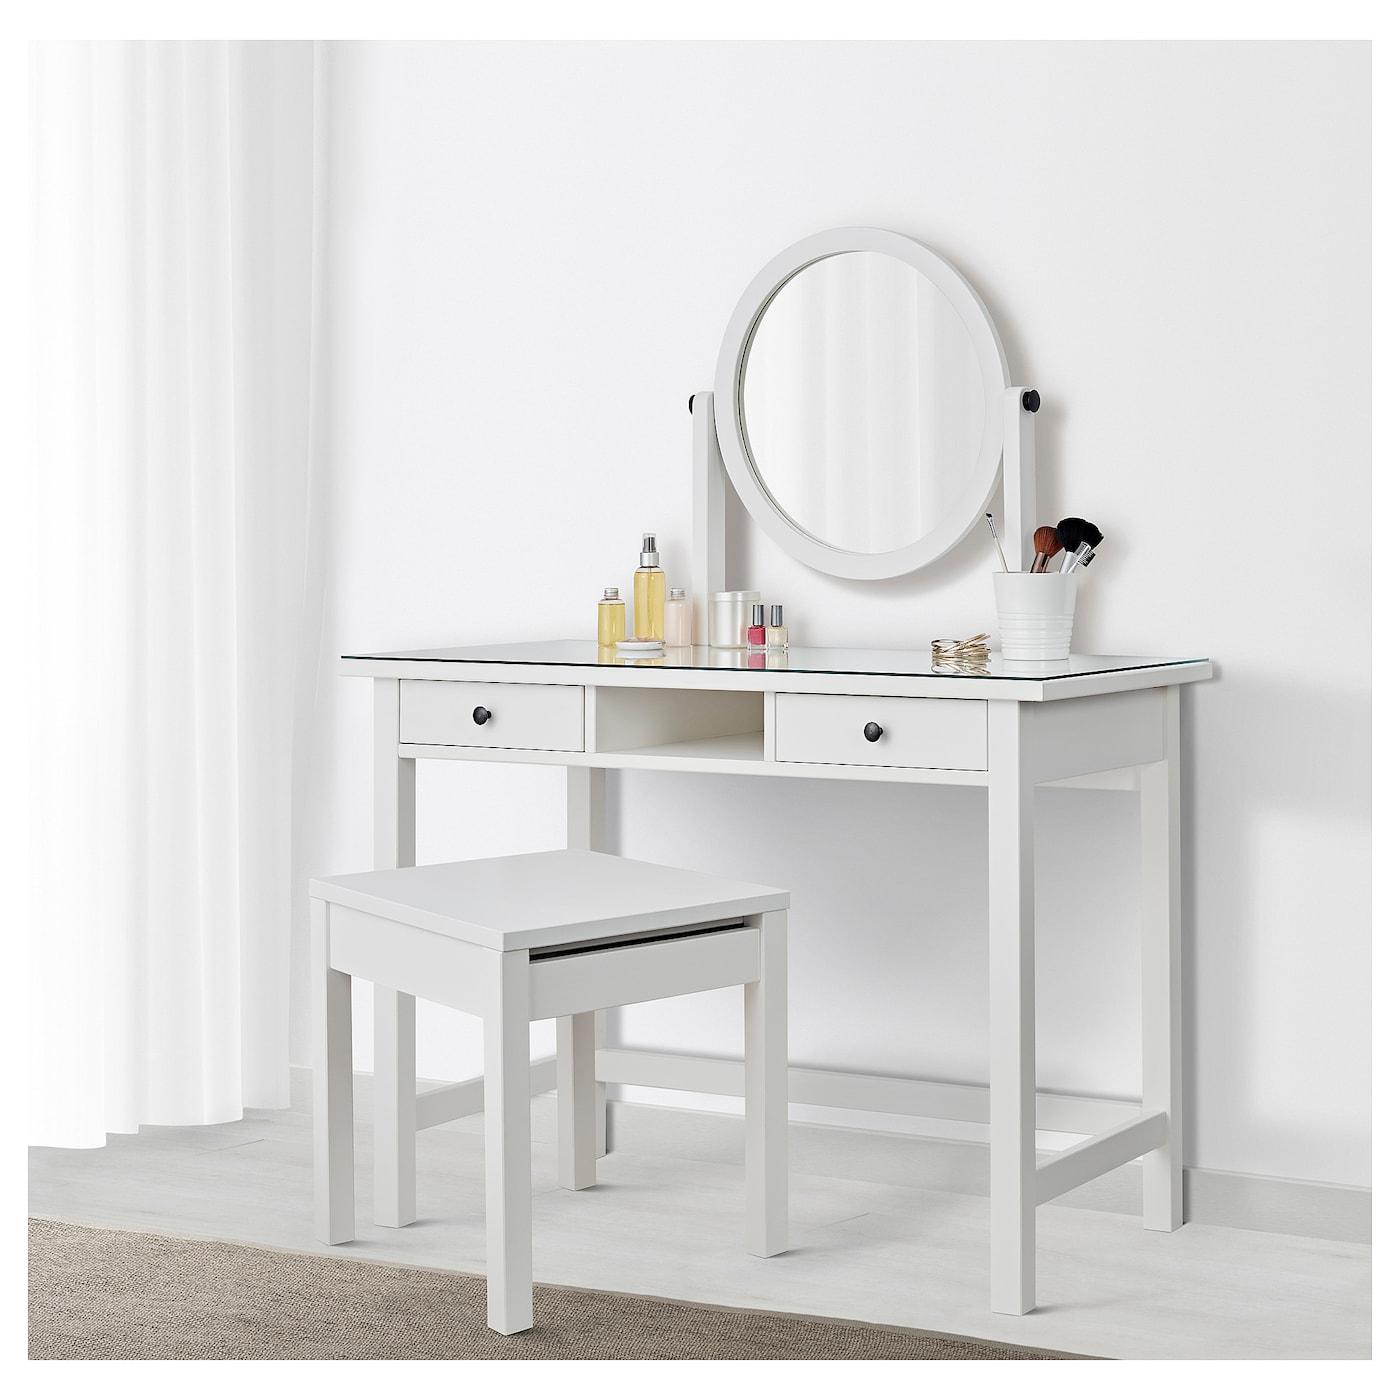 HEMNES Toilettafel met spiegel Wit 110 x 45 cm - IKEA